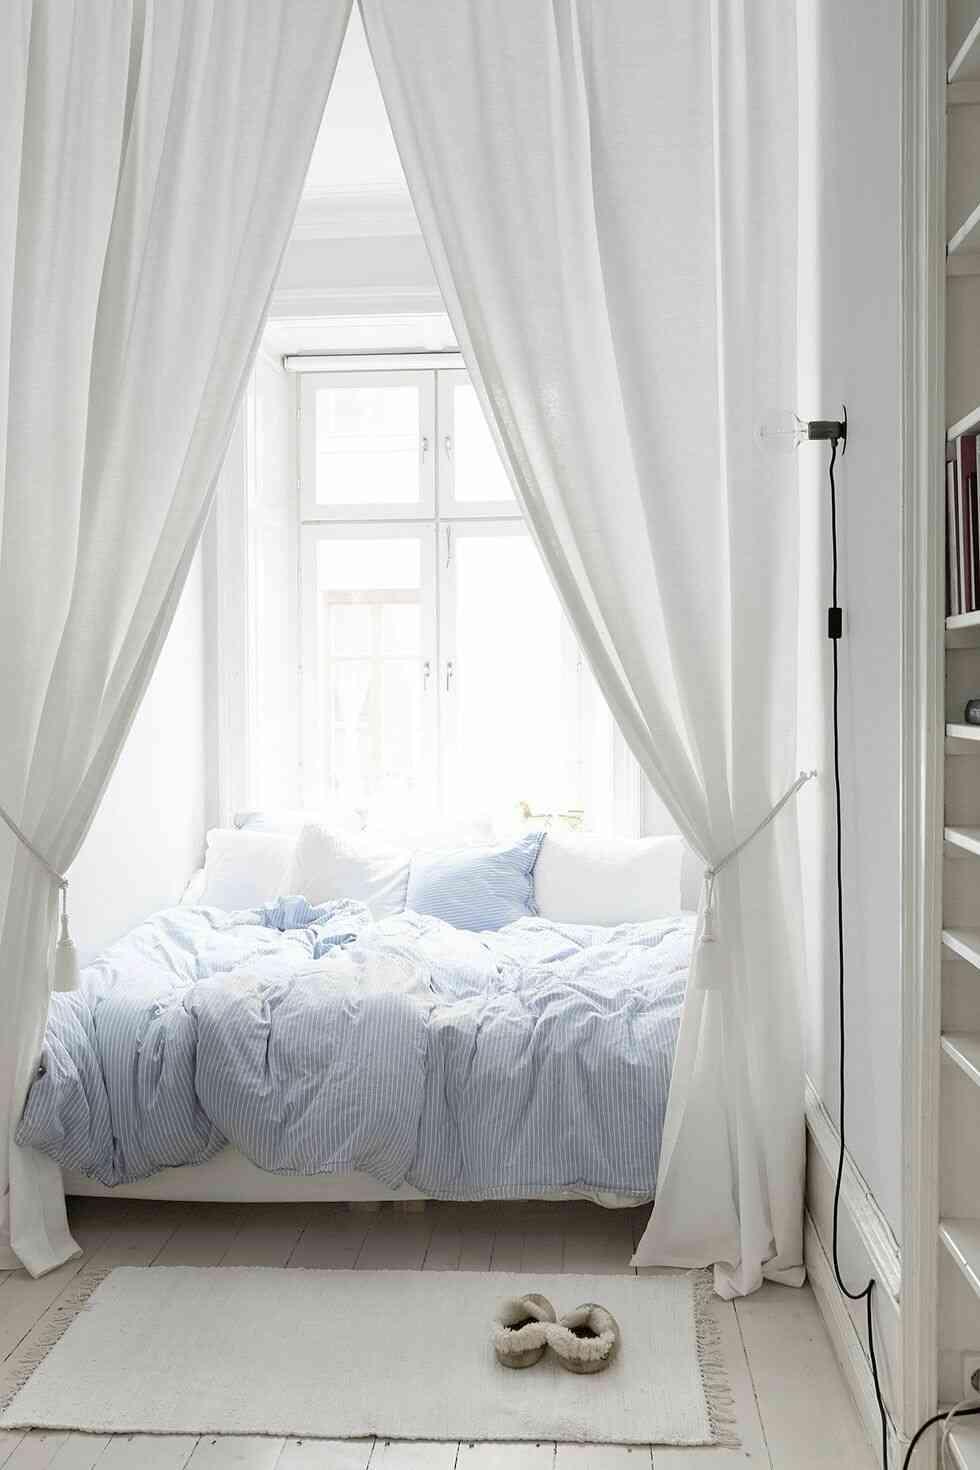 trang trí phòng ngủ đẹp, rèm trắng